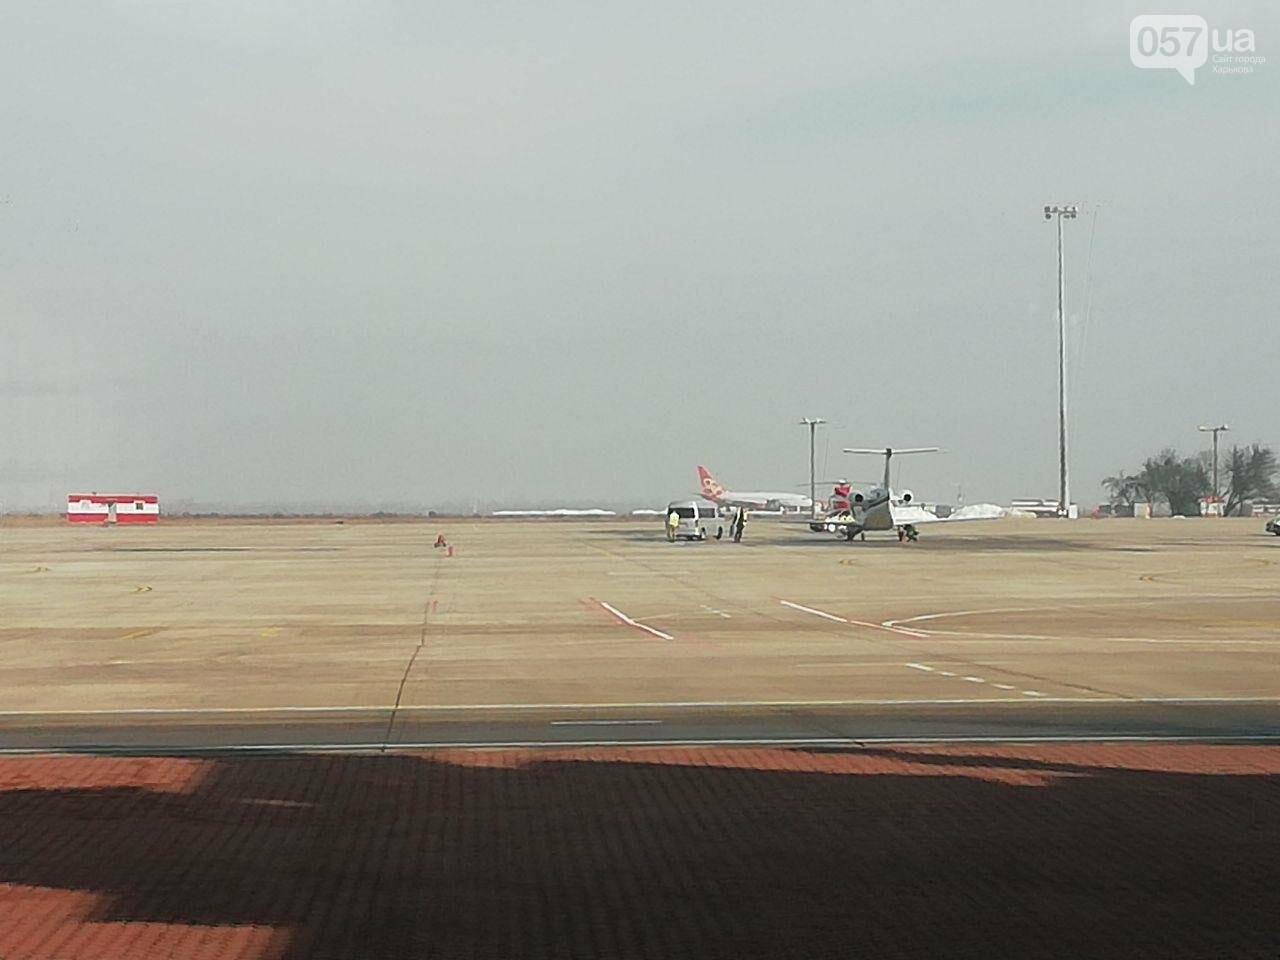 В харьковском аэропорту приземлился самолет с эвакуированными пассажирами из Китая, - ОНЛАЙН-ТРАНСЛЯЦИЯ, фото-9